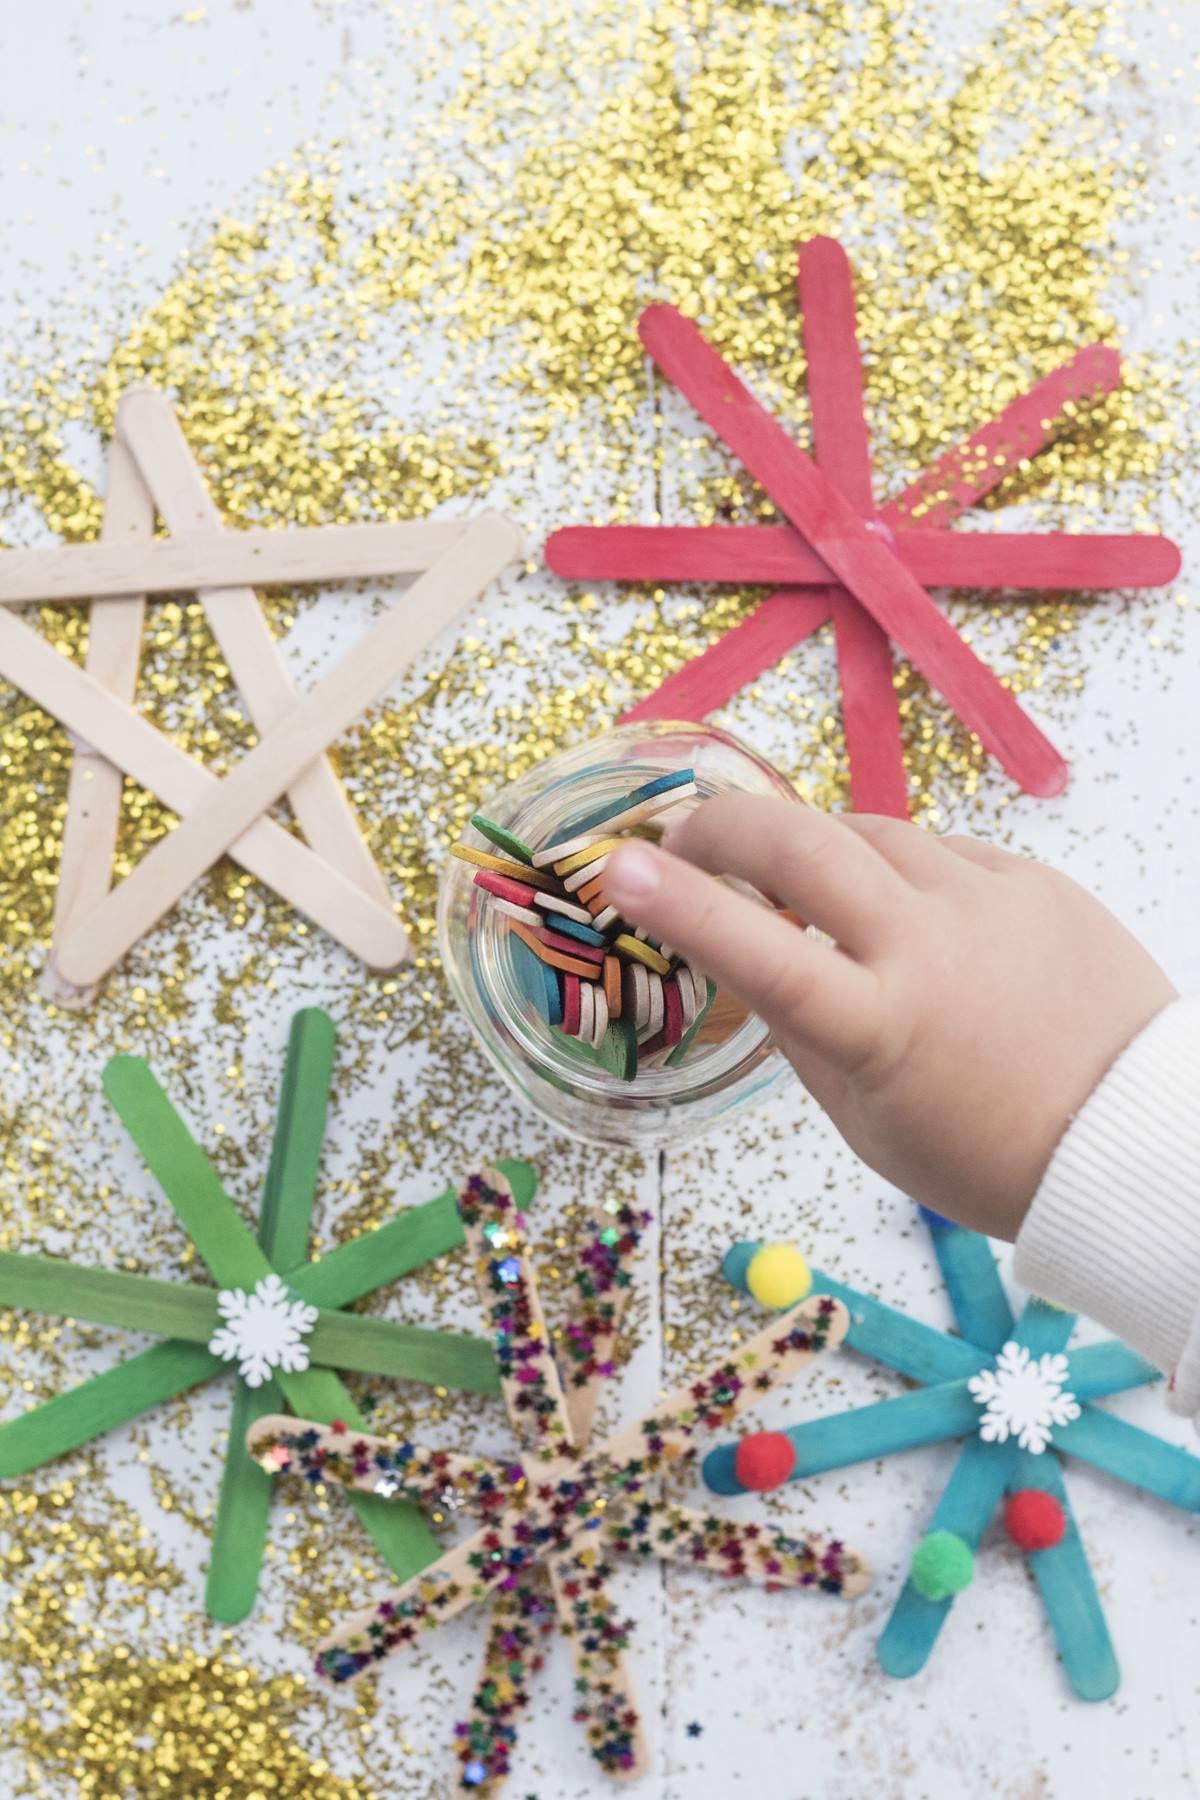 Lavoretti In Legno Per Natale natale montessori: idee facili da realizzare coi bimbi | the